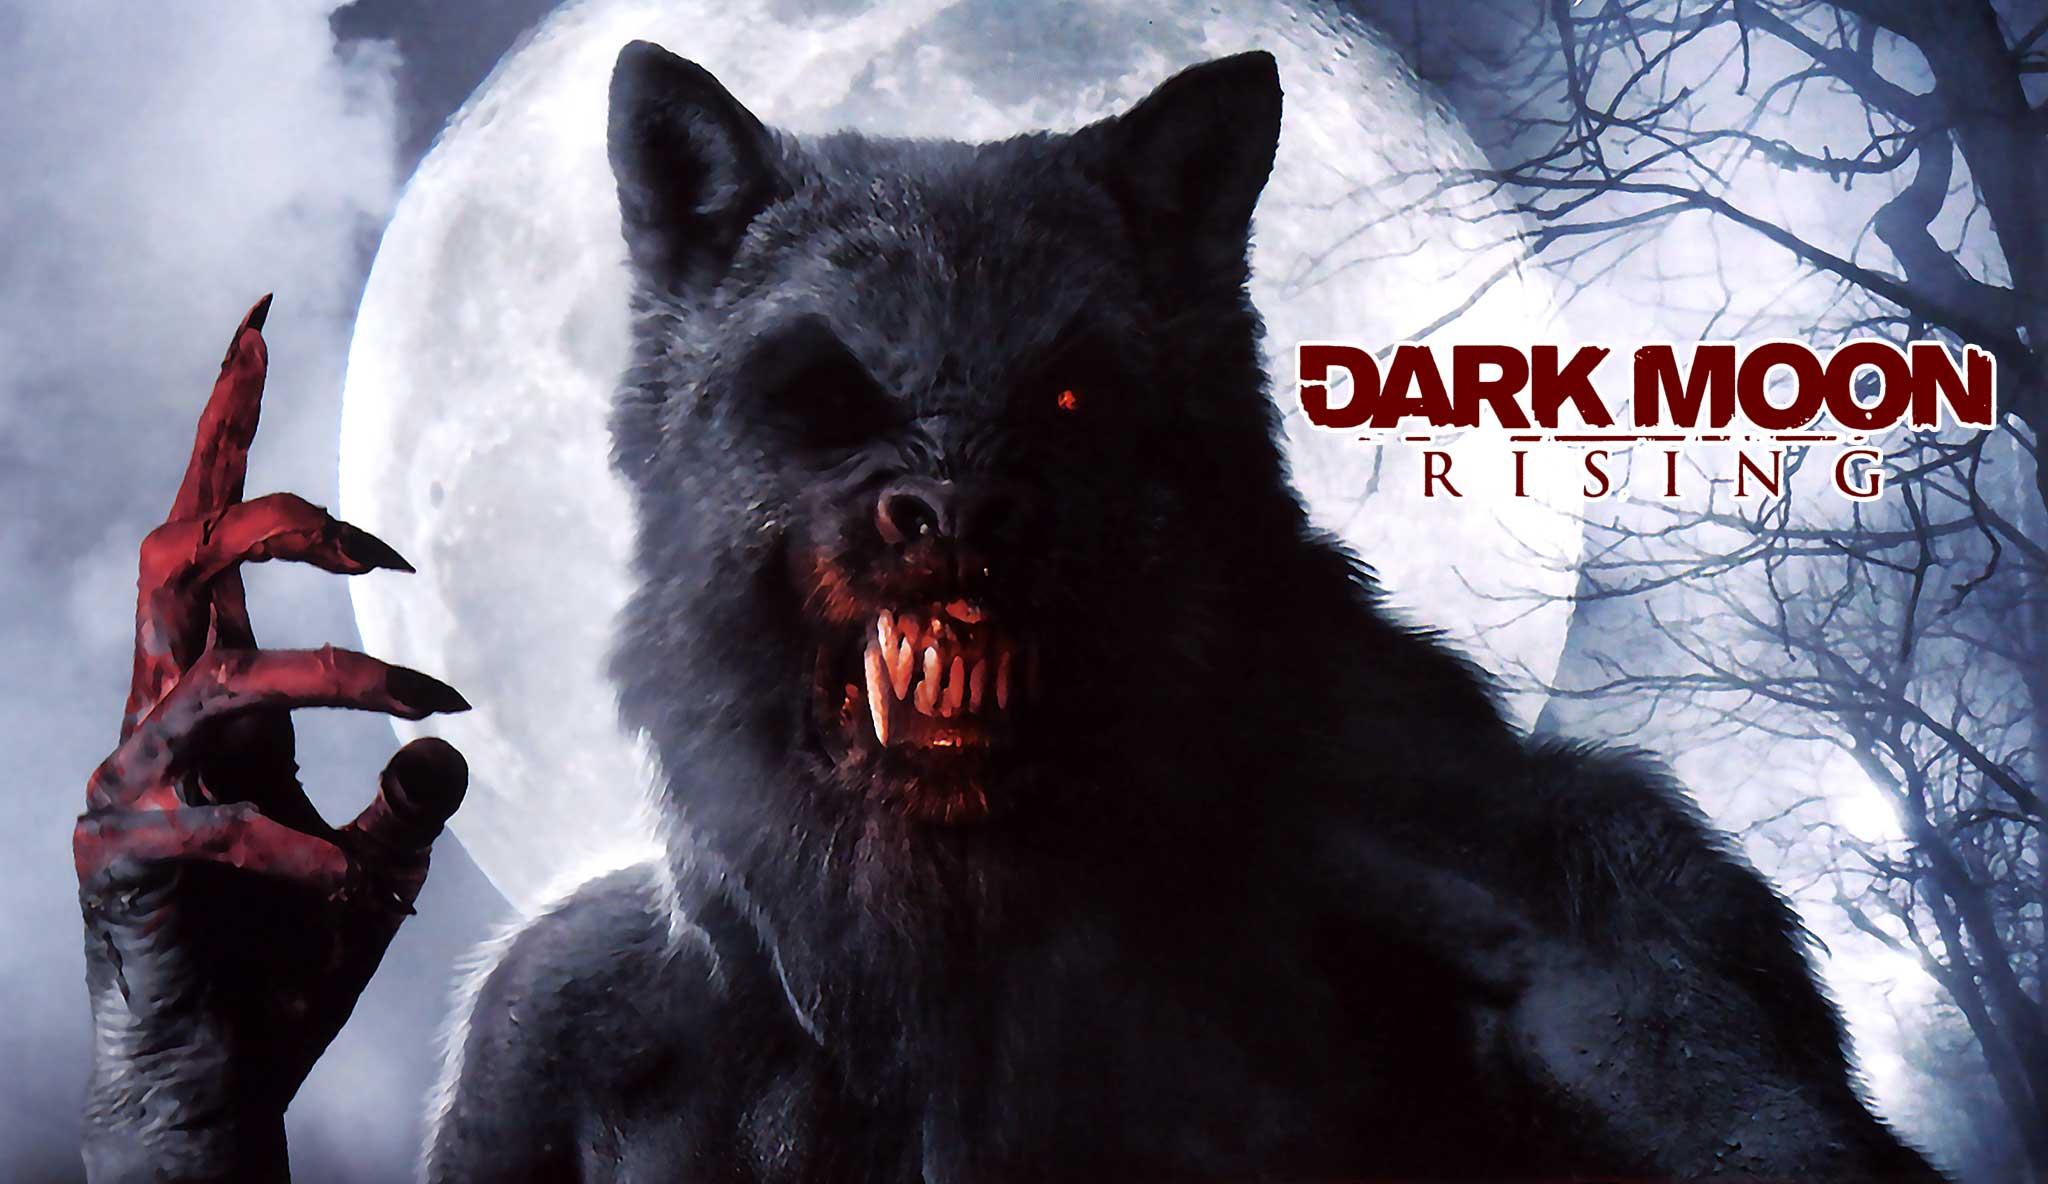 dark-moon-rising-2\header.jpg